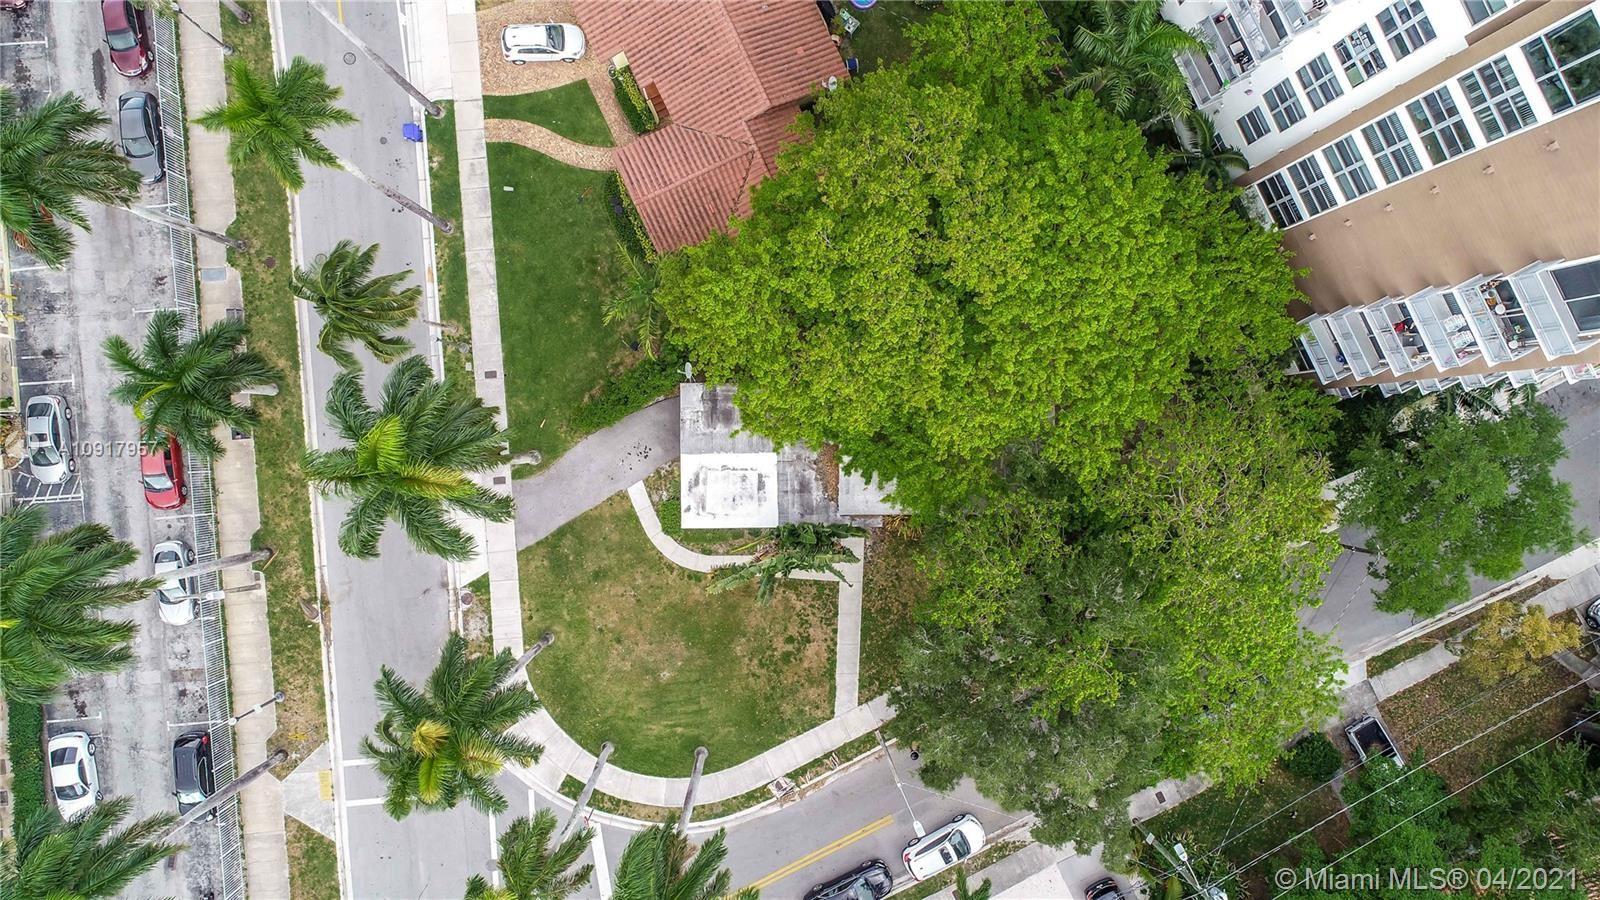 1000 NW 11th Ct, Miami, FL 33136 - #: A10917957